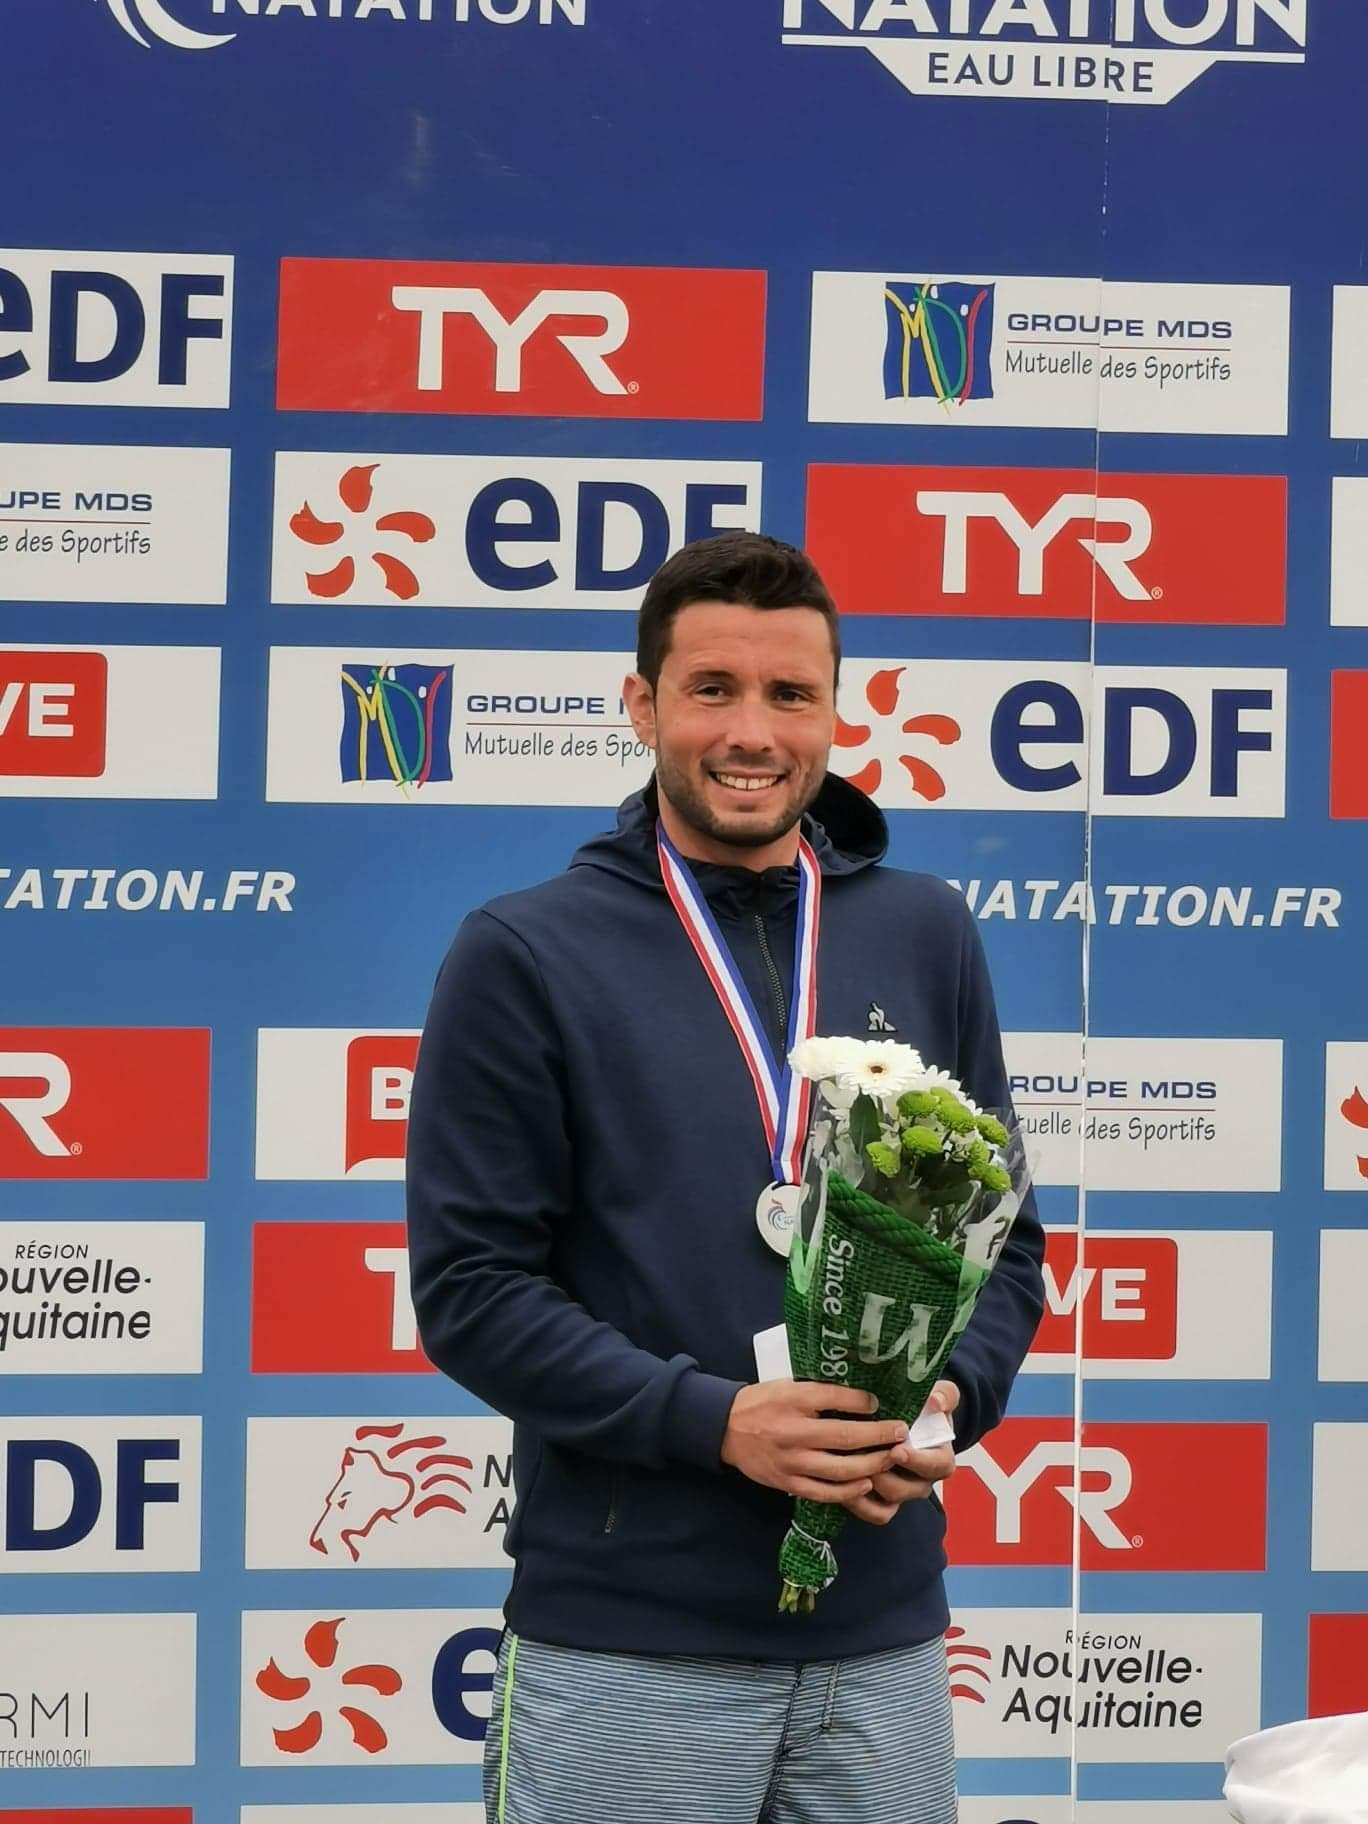 Bravo au Réunionnais Julien Codevelle, médaillé d'argent